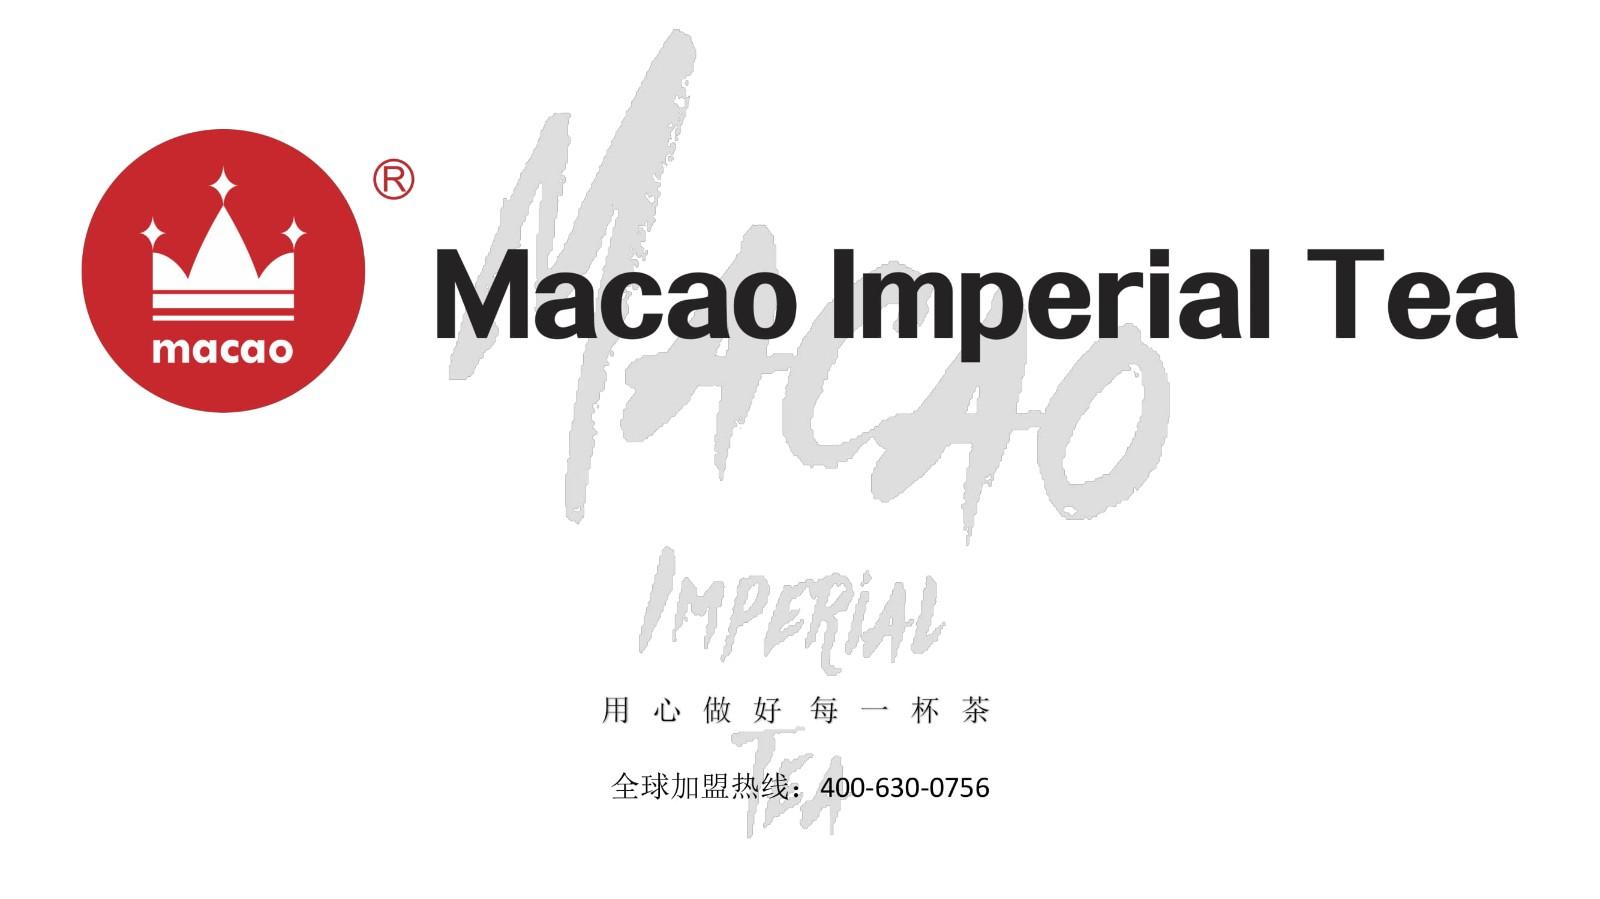 【摇一摇】澳门皇茶布鲁克林举办剪彩仪式 Macao imperial tea Brooklyn